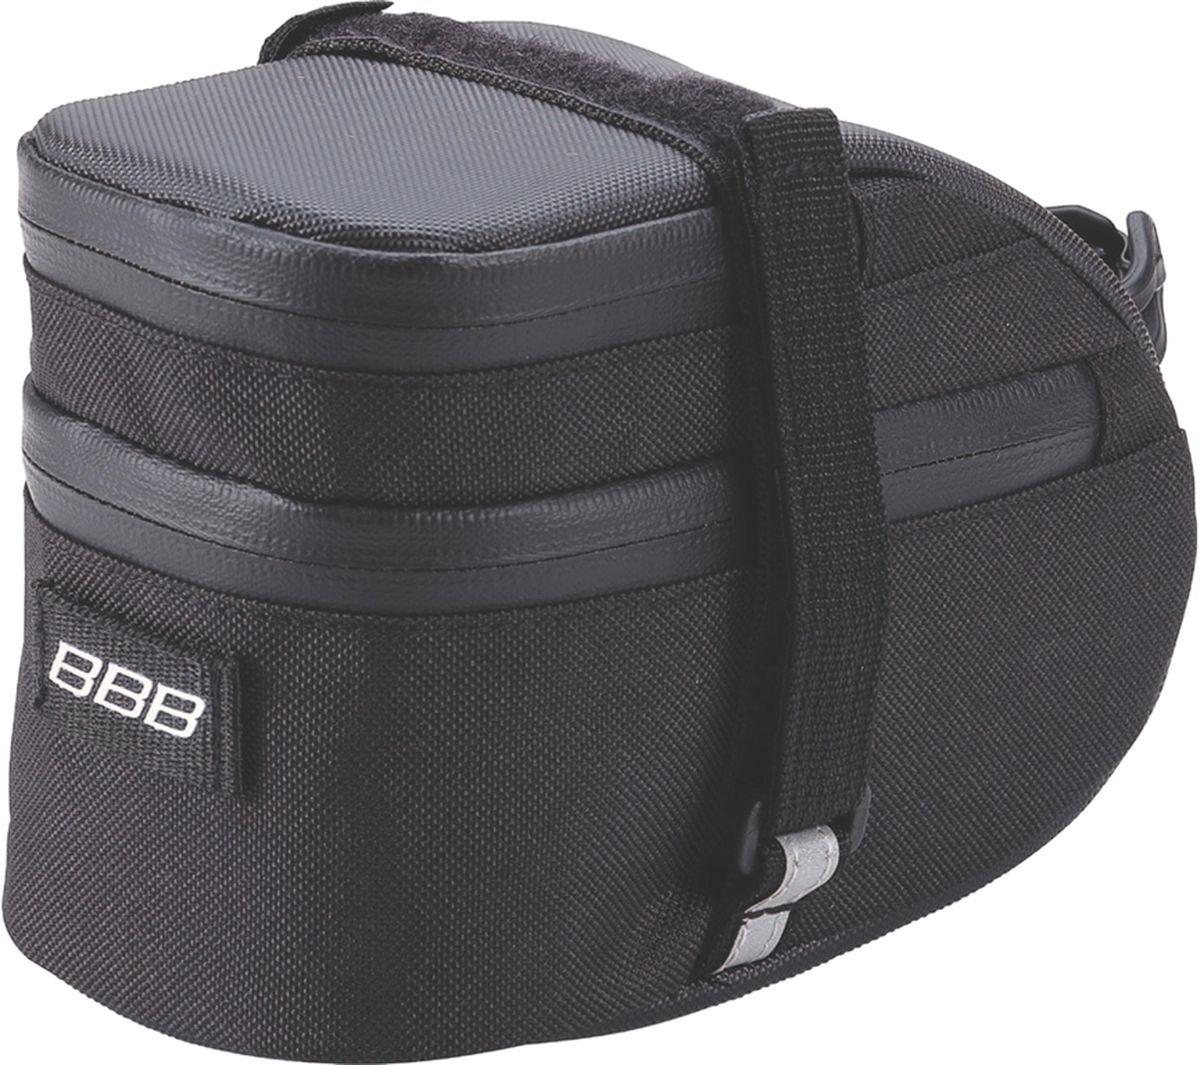 Велосумка под седло BBB EasyPack, цвет: черный. Размер LBSB-31LВ технологичной подседельной сумке BBB EasyPack применяются лучшие материалы и новейшие технологии. Синяя подкладка обеспечивает лучшую видимость содержимого. Эластичный ремешок и карман для простоты организации содержимого вашей сумочки . Водонепроницаемая молния с фиксатором дает дополнительную безопасность и абсолютно бесшумна при езде. Крепление для заднего габарита-LED фонарика. Черная светоотражающая полоска обеспечивает лучшую видимость вас на дороге. Двойная застежка на липучке помогает просто и быстро установить/снять сумку. Резиновый ремешок крепления к подседельному штырю для надежной фиксации сумочки и во избежание повреждений лайкровых шорт и подседельного штыря. Большая сумка разделена на два отсека. Верхний отсек отлично подходит для хранения кошелька, ключей, или документов.